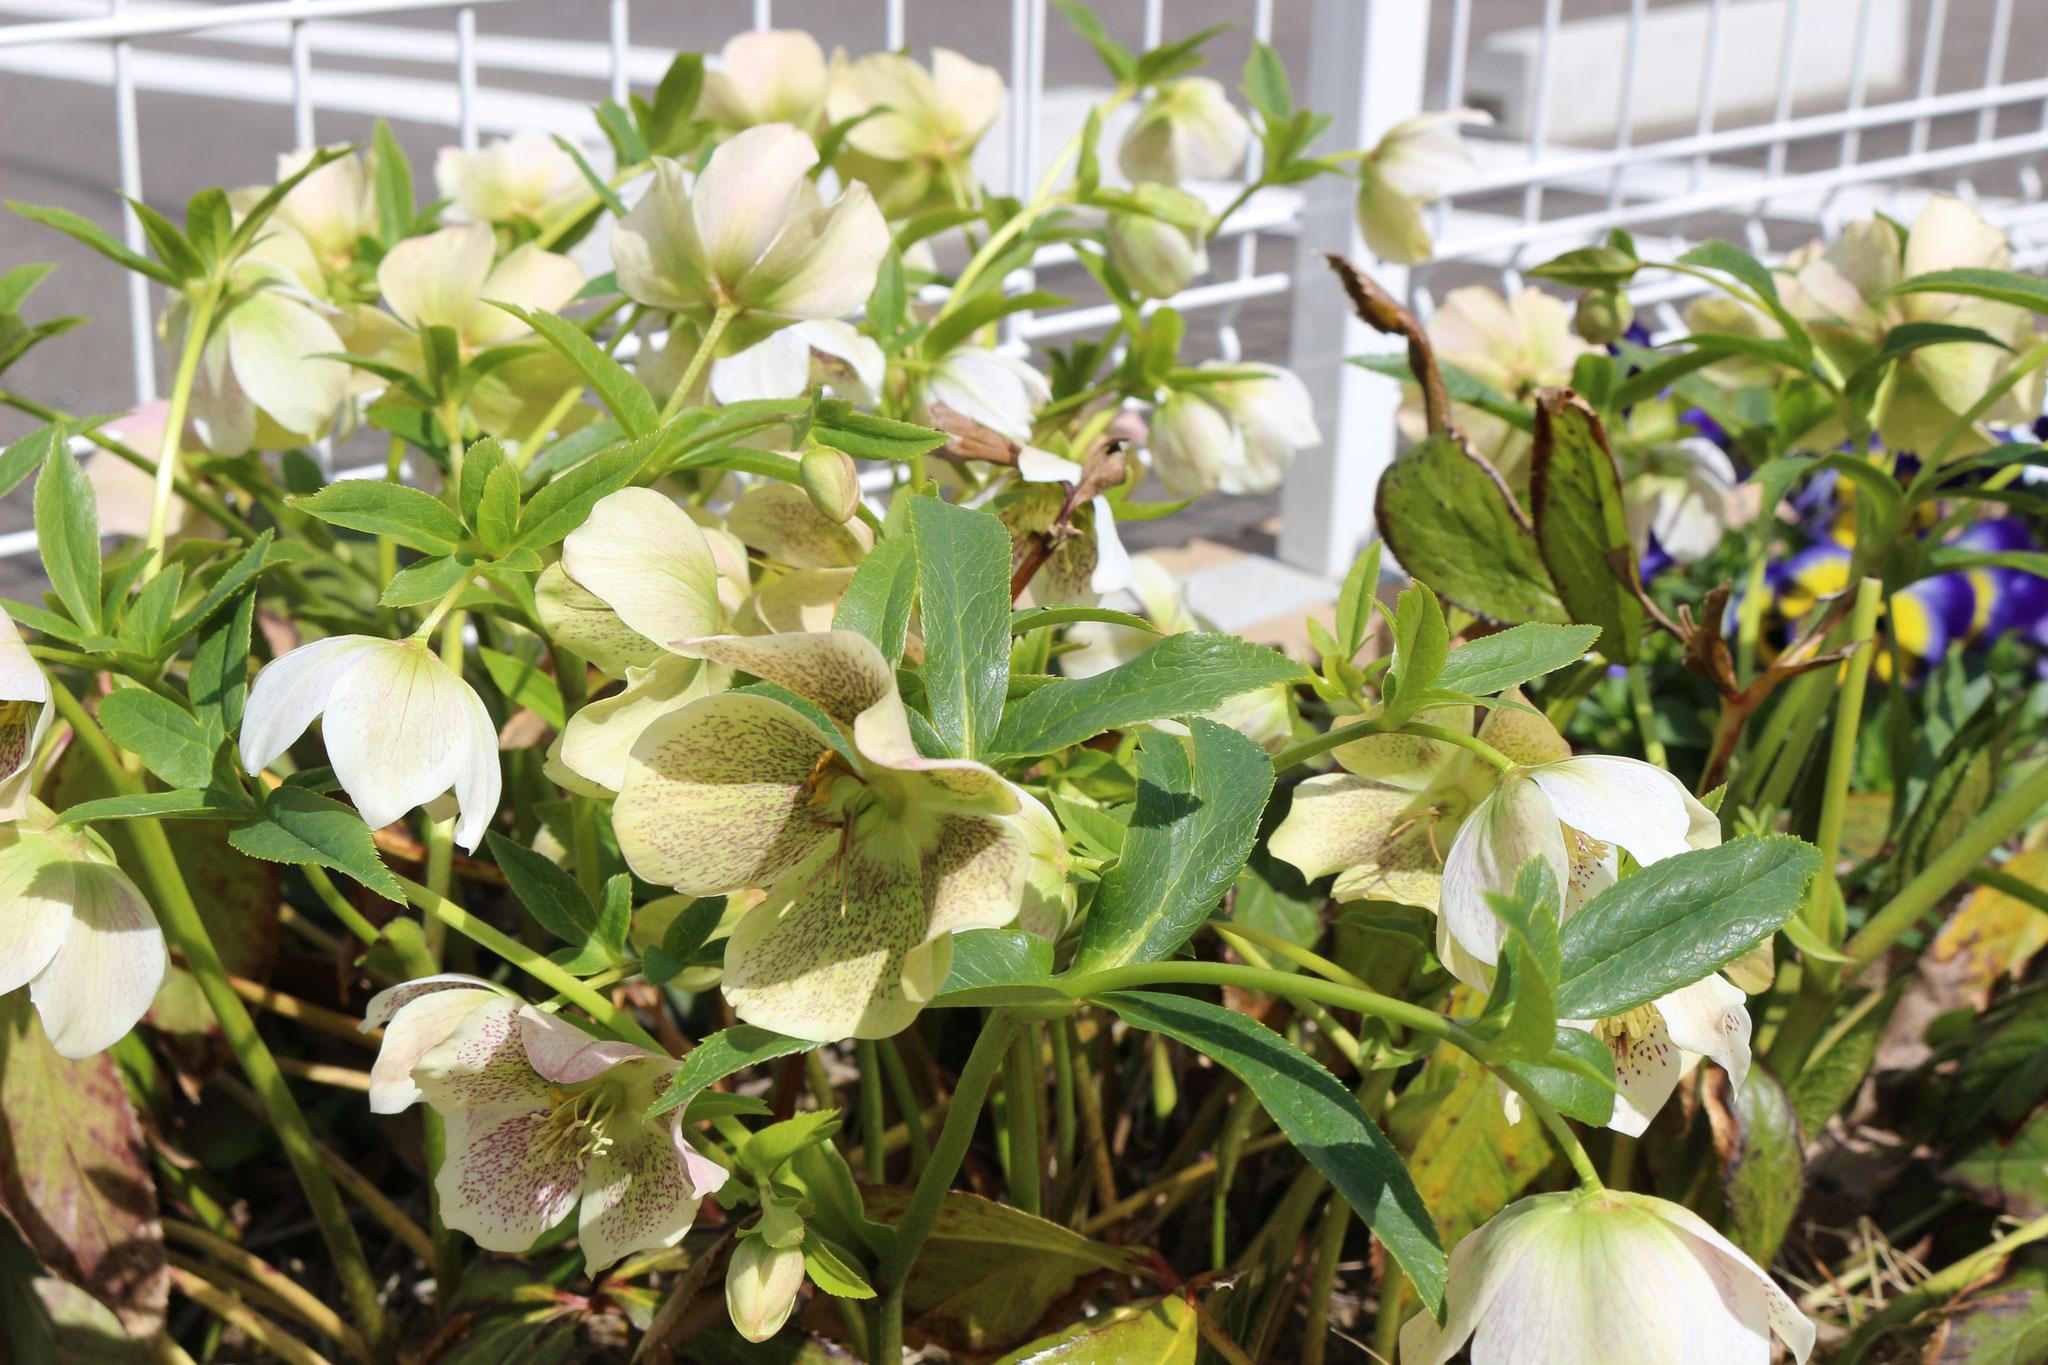 リコリコ保育園の小さな園庭にはいろんな「お花」があります。お子さまと一緒に触れ合いながら見に来てくださいね( ^ω^ )ニコニコ